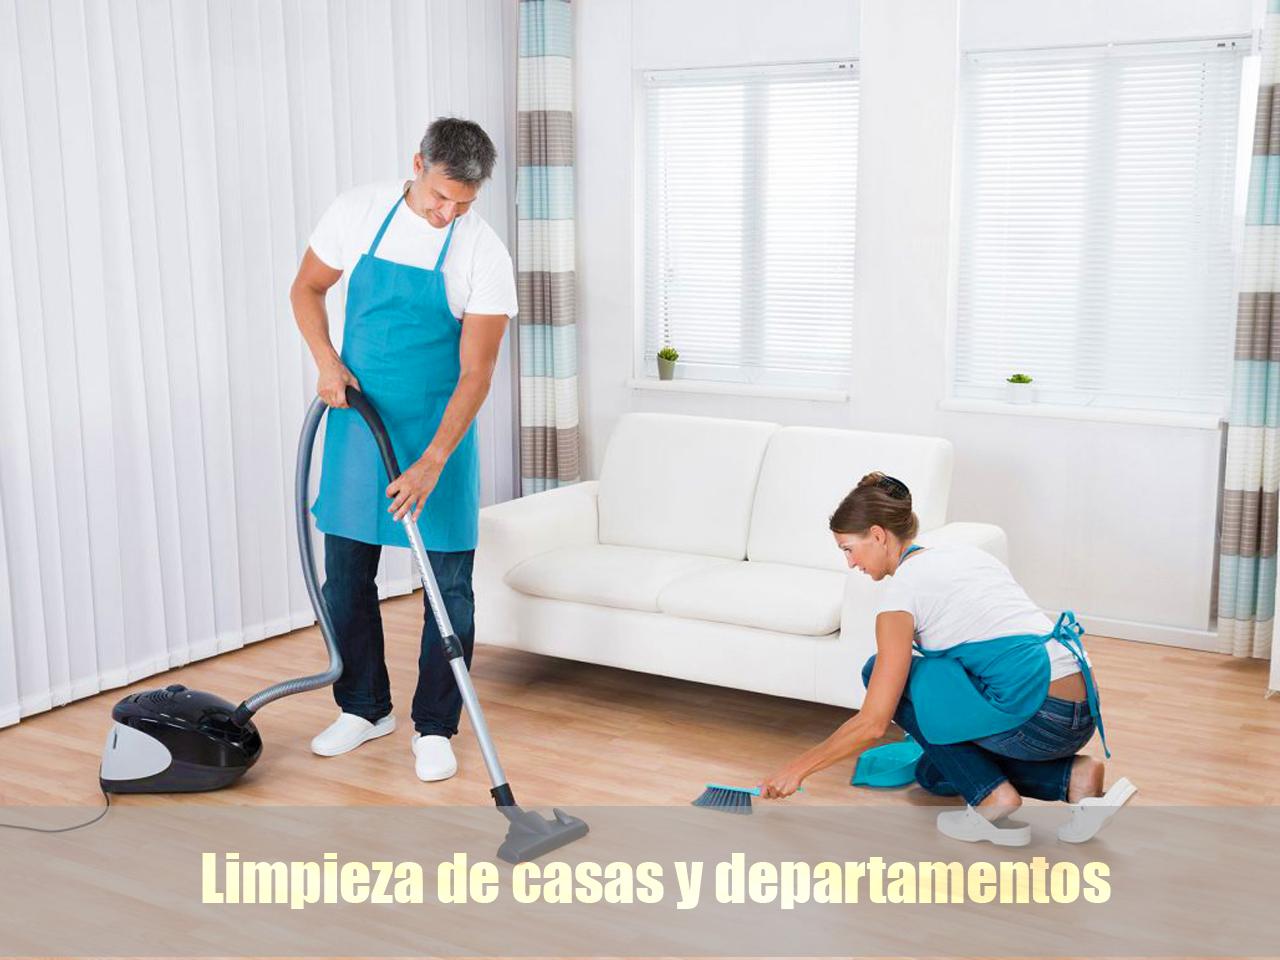 Limpieza de casas y departamentos lima peru - Imagenes de limpieza de casas ...